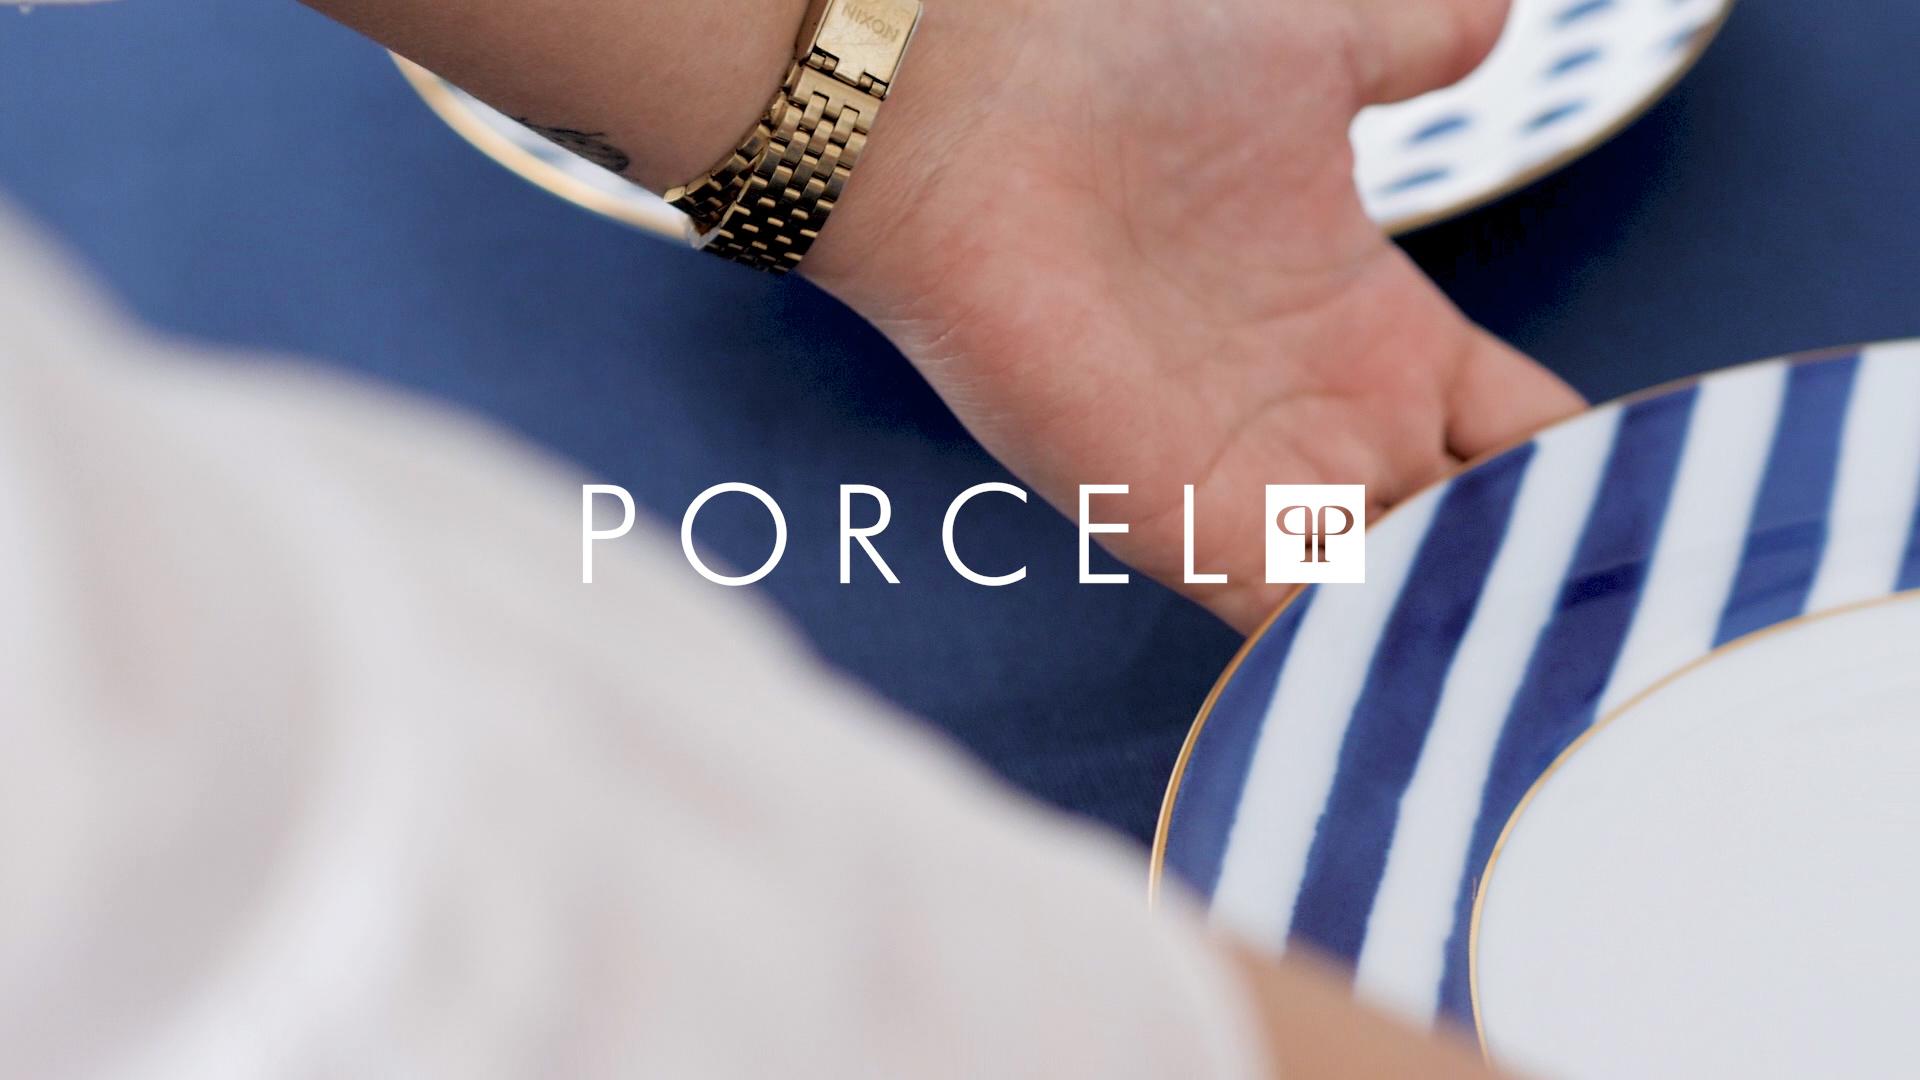 Manufacturing porcelain at Porcel 4